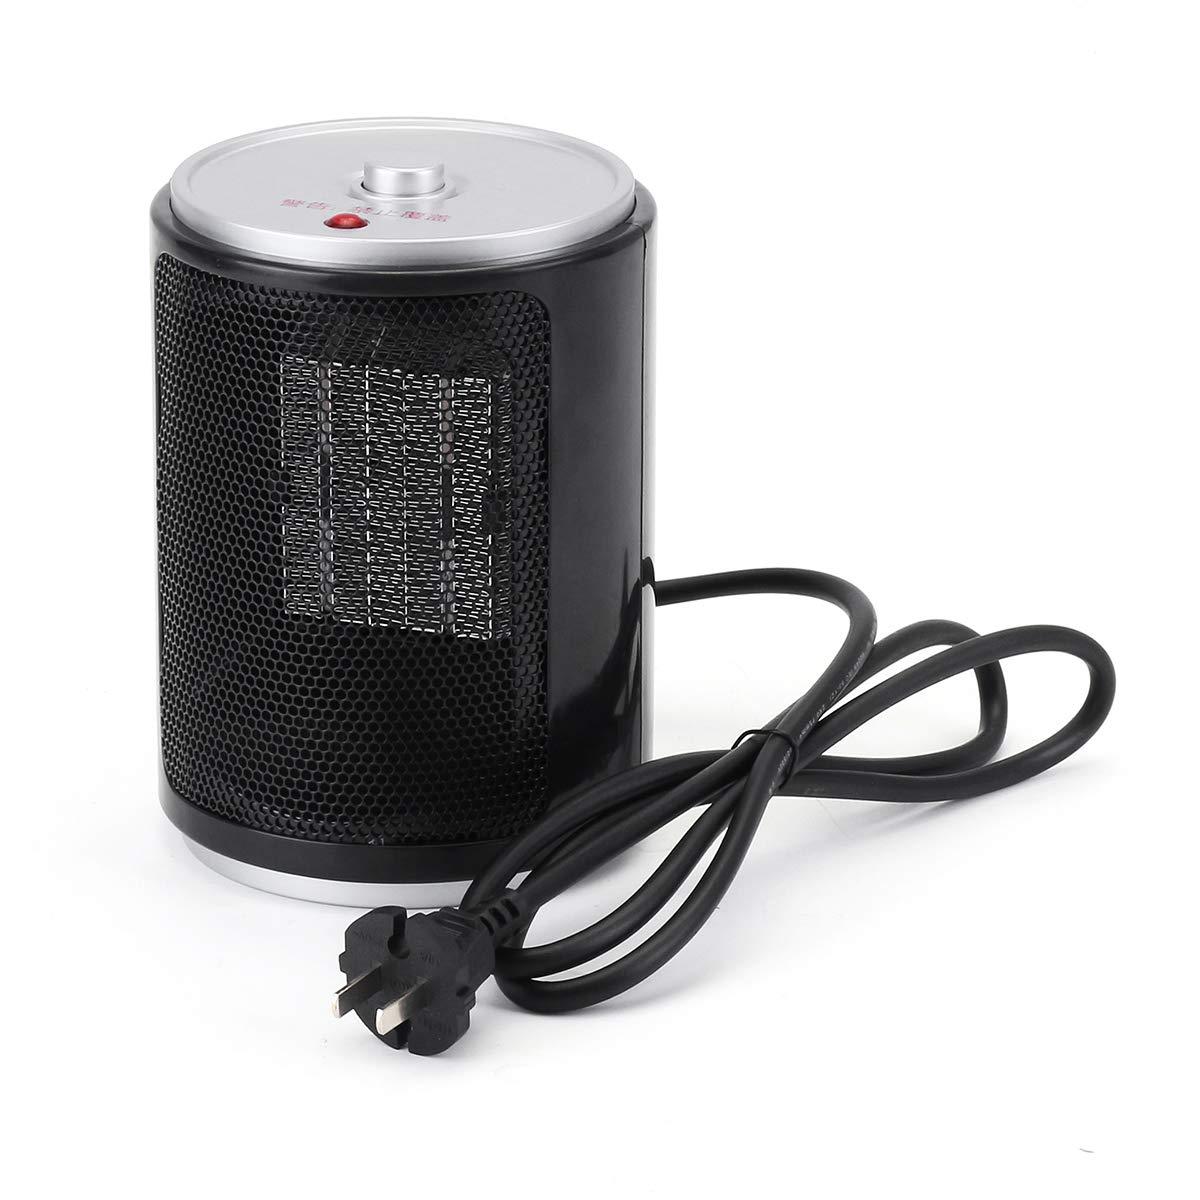 ZHENWOFC 500ワット220ボルトポータブル電気デスクトップミニエアヒーターファンホームオフィス暖かい暖房 New B07RFK1B87